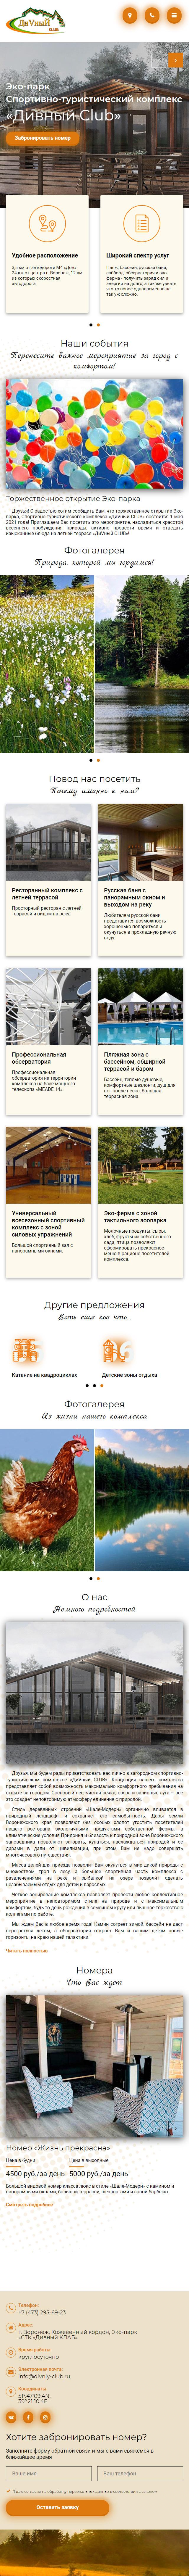 сайты туризм пример Спортивно-туристический комплекс «ДиVный CLUB» 640 px